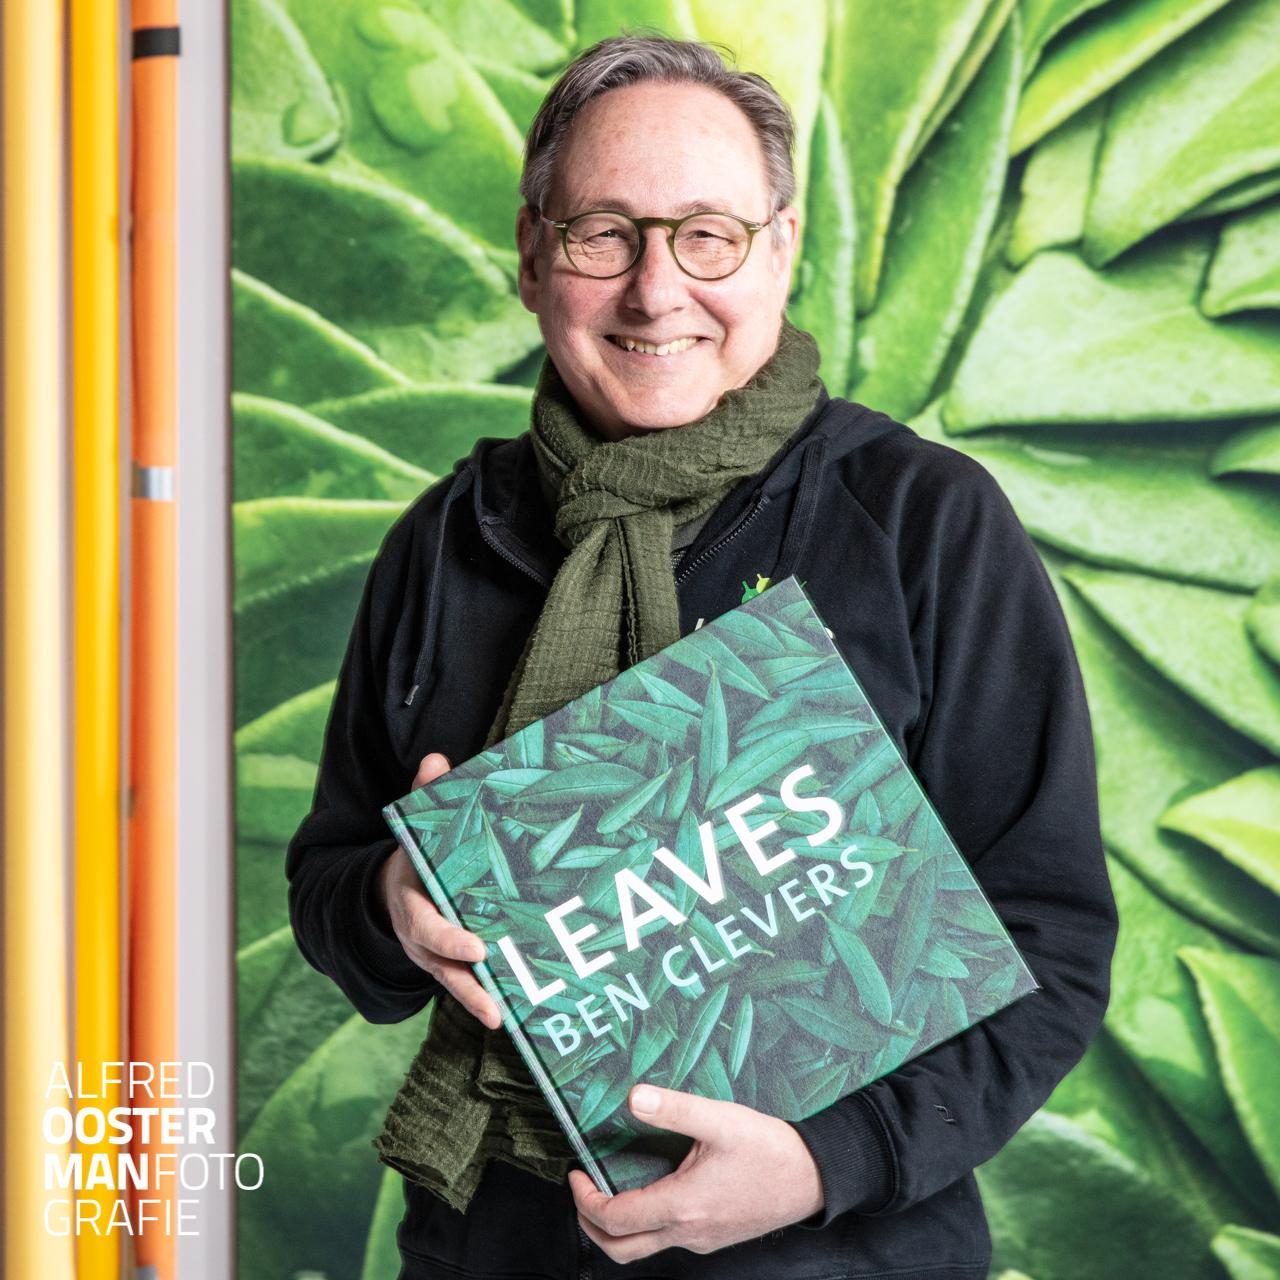 Ben Clevers is eigenaar van het bedrijf Leaves Natural Projects. Ben is als meester binder en arrangeur verantwoordelijk voor bloem en bladobjecten van de hoogste kwaliteit. In de afgelopen drie jaar heeft hij samen met assistent Anita Hoekstra een zestigtal bladobjecten gemaakt die gefotografeerd zijn door Alfred Oosterman om daar een boek van te maken. Het boek Leaves is nu te koop via Ben Clevers en via de webshop van Alfred Oosterman fotografie.